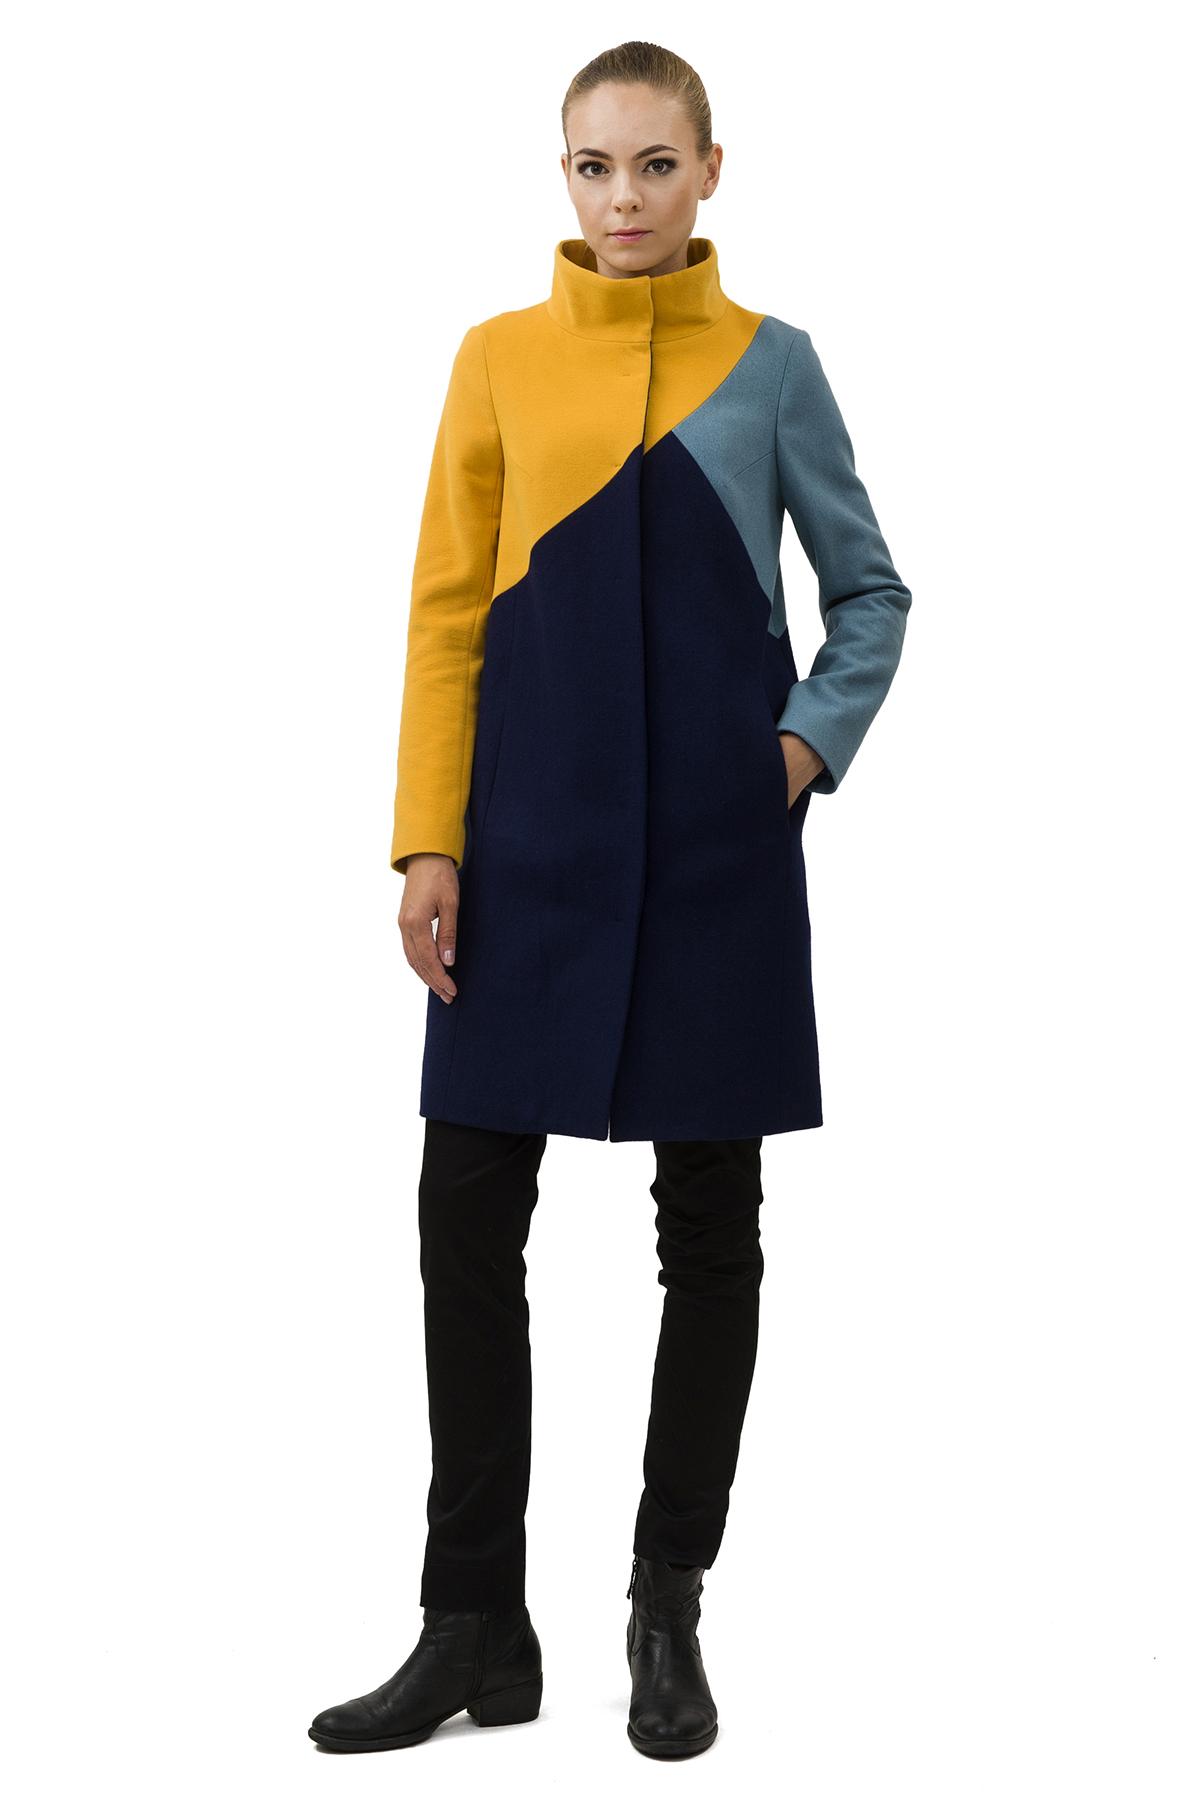 ПальтоЖенские куртки, плащи, пальто<br>Восхитительный вариант для тех, кто предпочитает стильные решения - элегантное пальто сдержанного модного дизайна, который подчеркнет Ваш безупречный вкус. Прекрасный вариант для создания элегантного образа.<br><br>Цвет: синий,горчица,голубой<br>Состав: 65% полиэстер, 15% шерсть, 18% вискоза, 2% эластан Подкладка: 50% полиэстер, 50% вискоза<br>Размер: 48,50,52<br>Страна дизайна: Россия<br>Страна производства: Россия